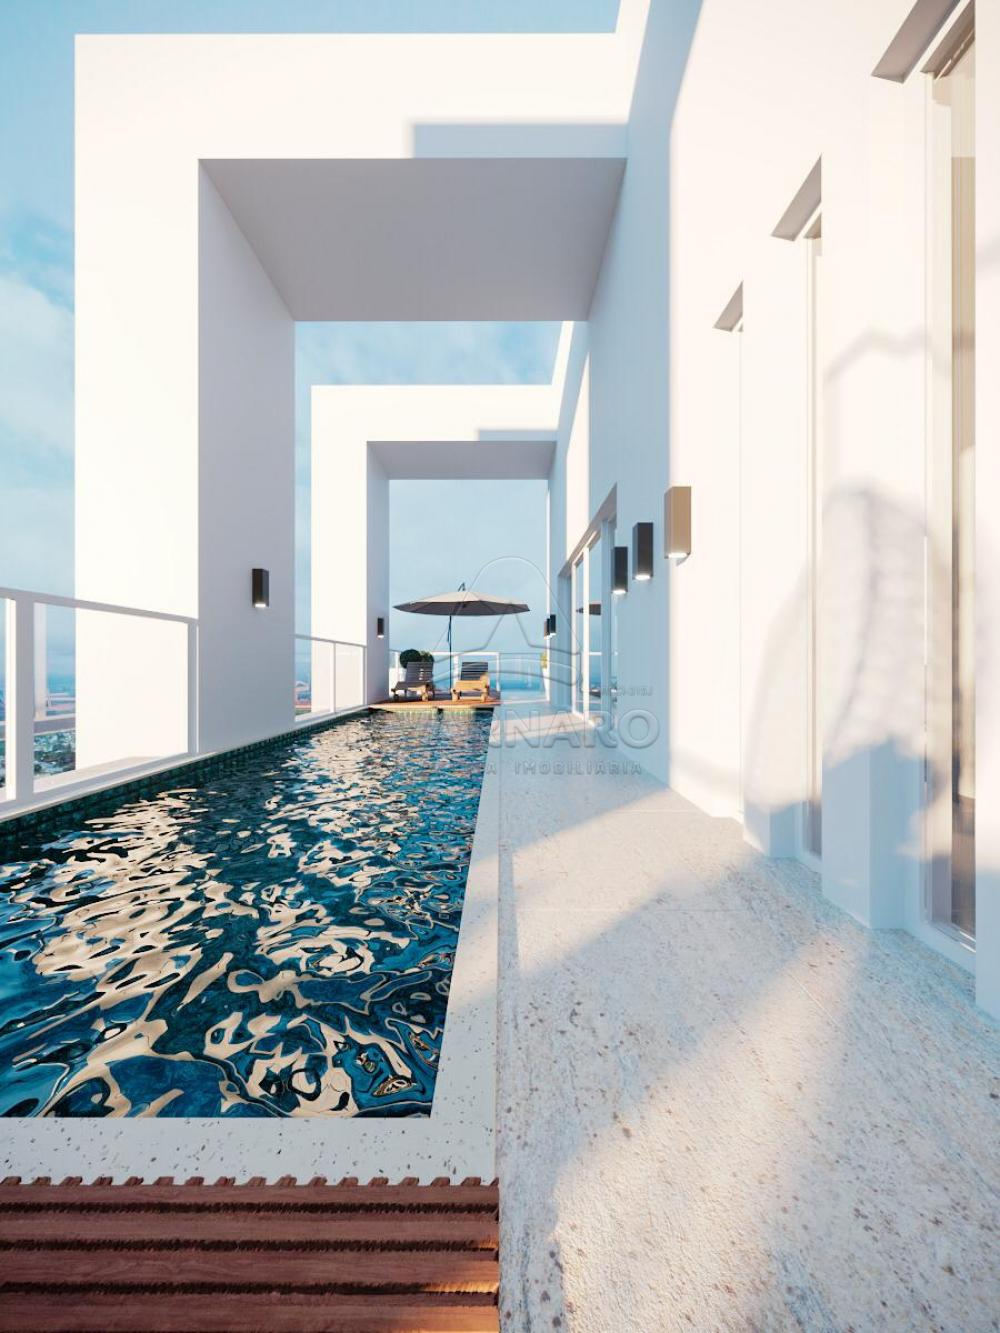 Comprar Apartamento / Cobertura em Ponta Grossa R$ 2.750.000,00 - Foto 9